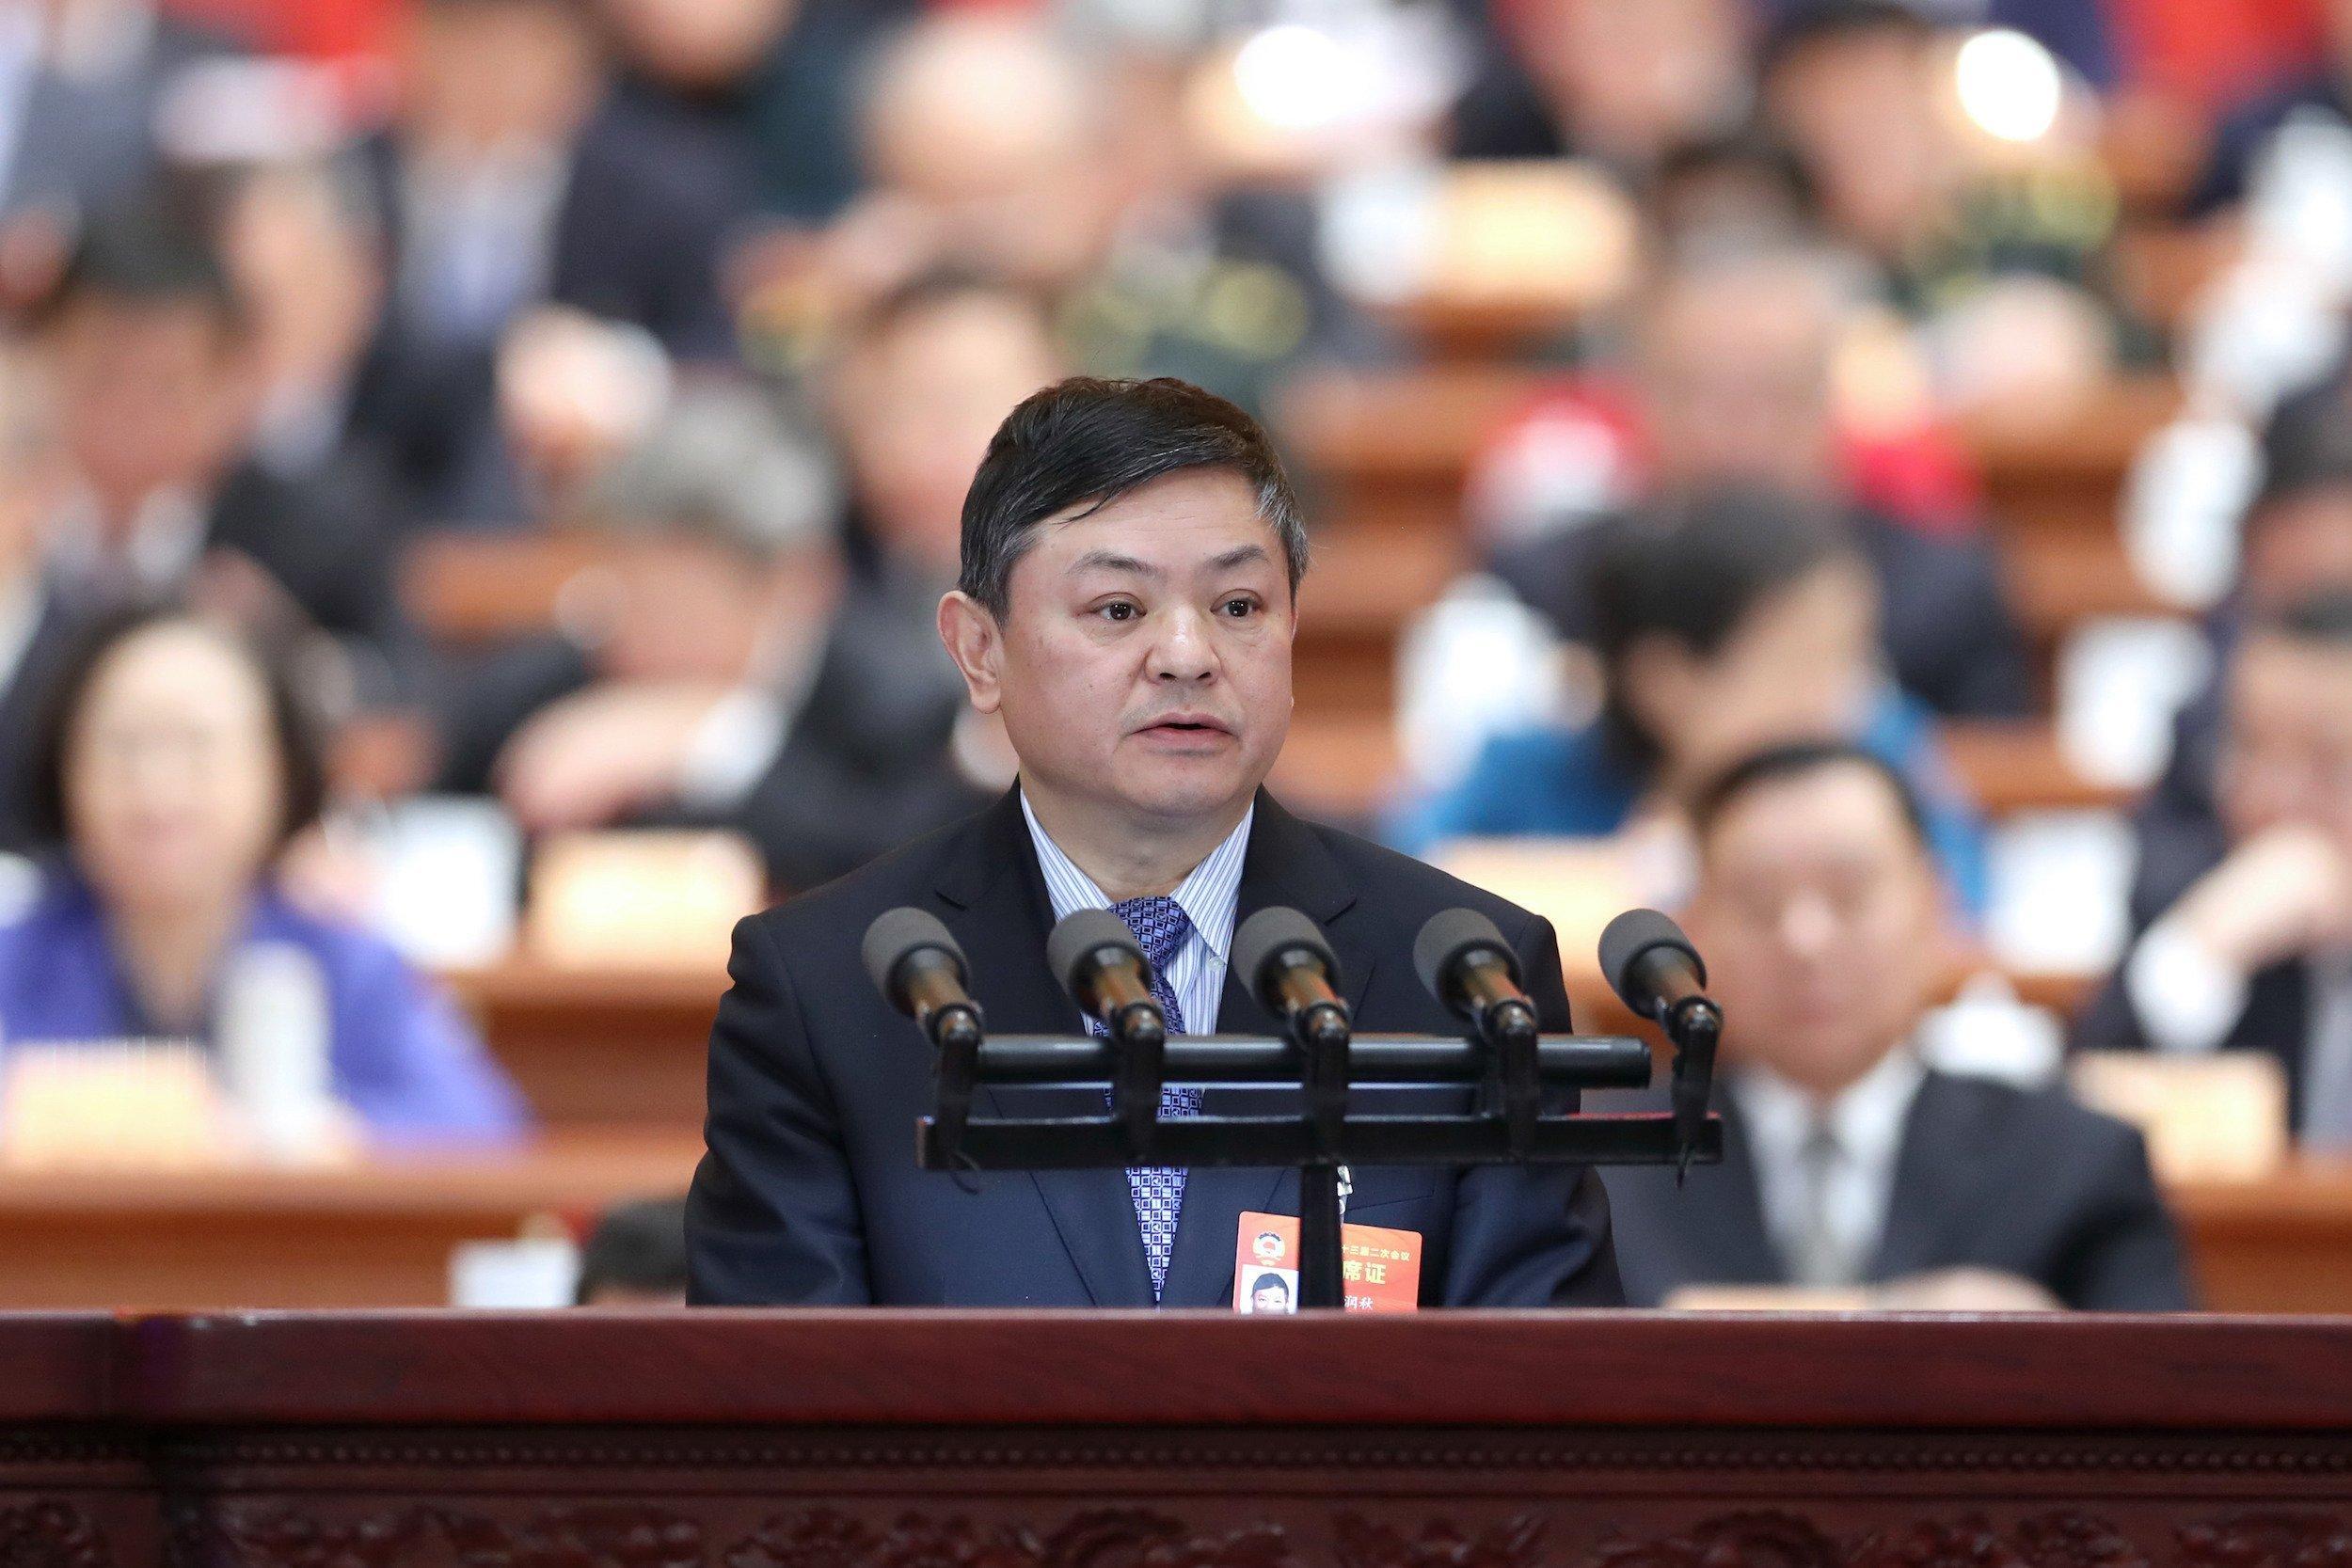 Der Minister am Rednerpult, hinter ihm eine unscharf abgebildete Zuhörermenge.